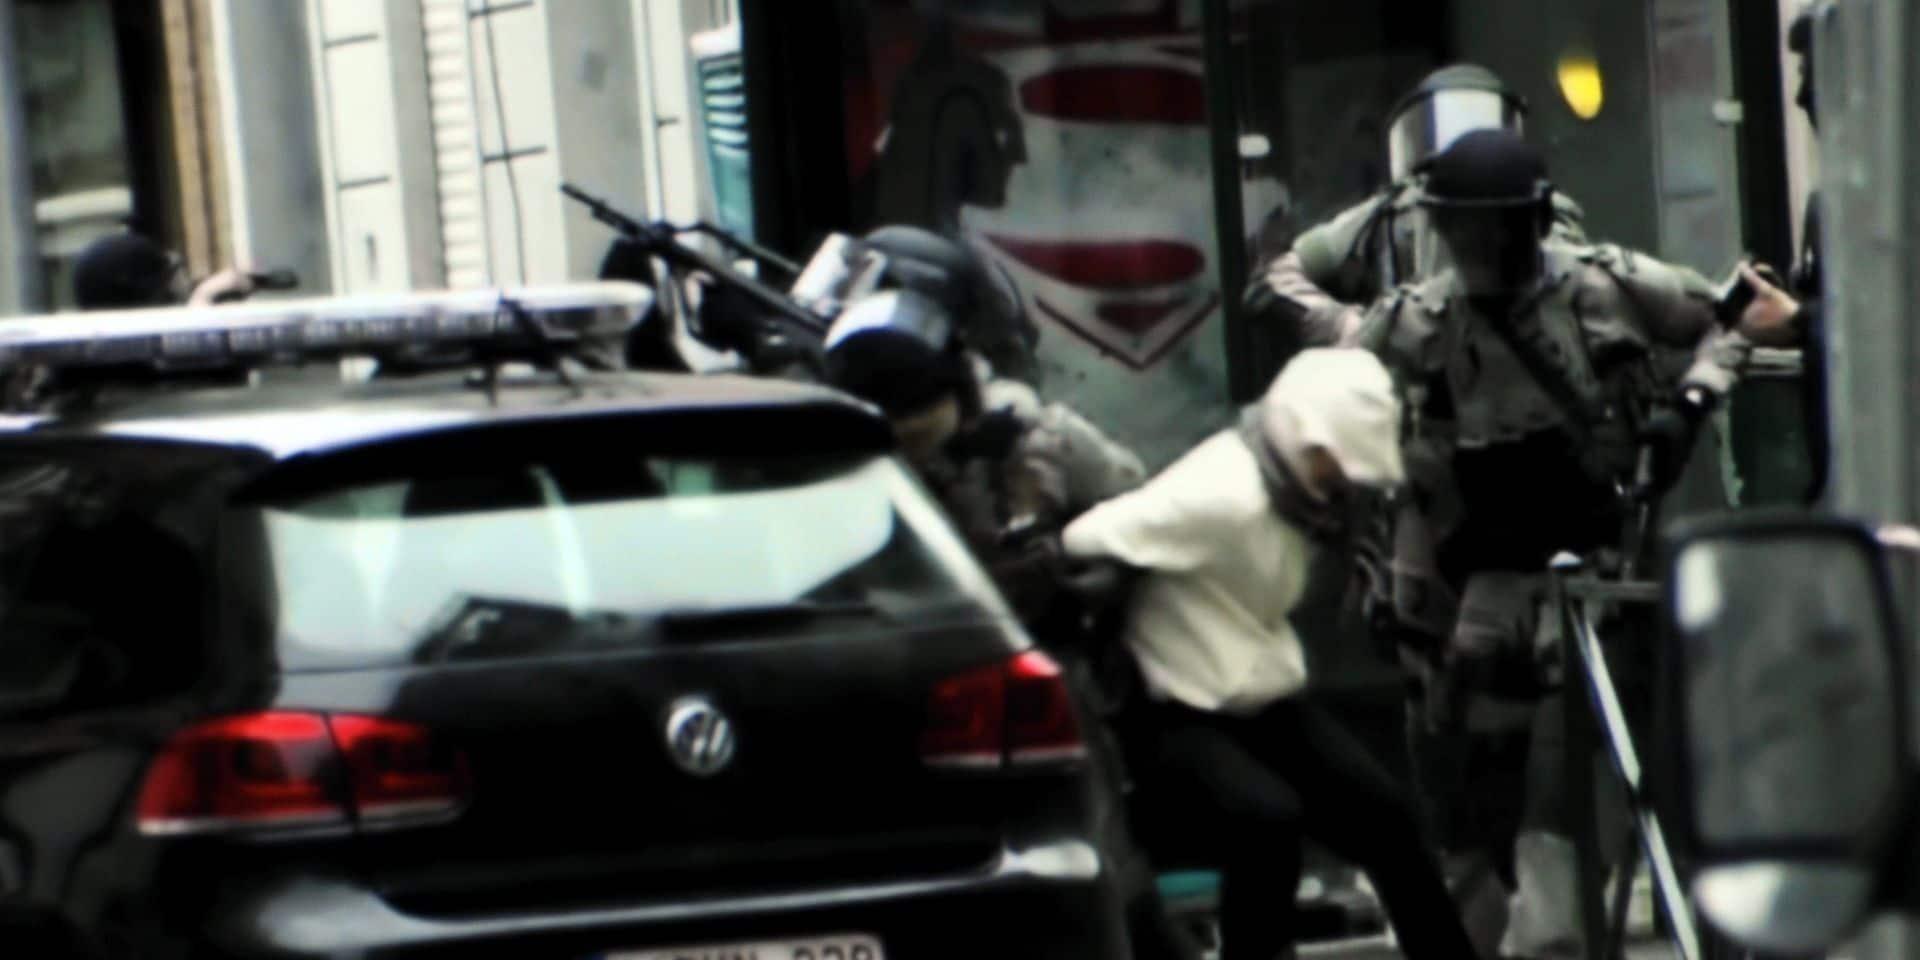 Trafic de migrants, de mineurs, mendicité forcée, fraude aux allocations et falsification de documents: les polices belges et françaises démantèlent un important réseau criminel